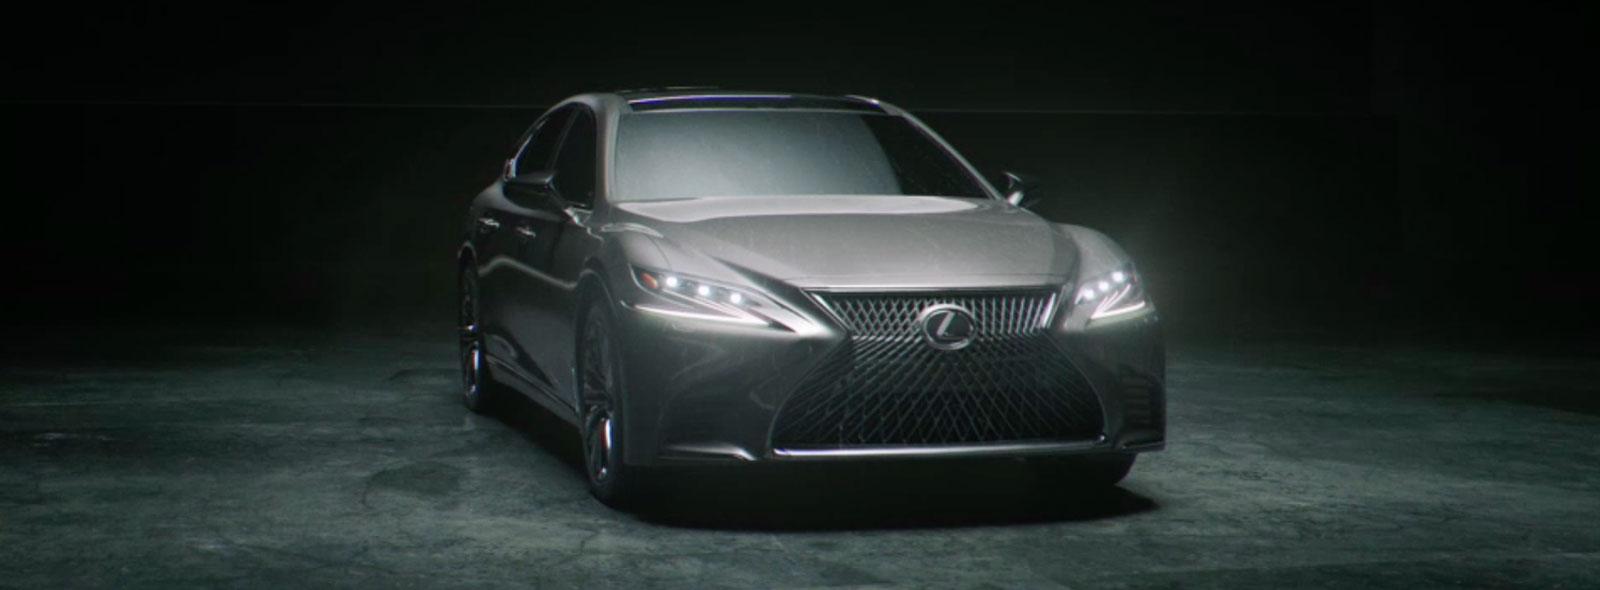 Vooraanzicht van een stilstaande grijze Lexus LS